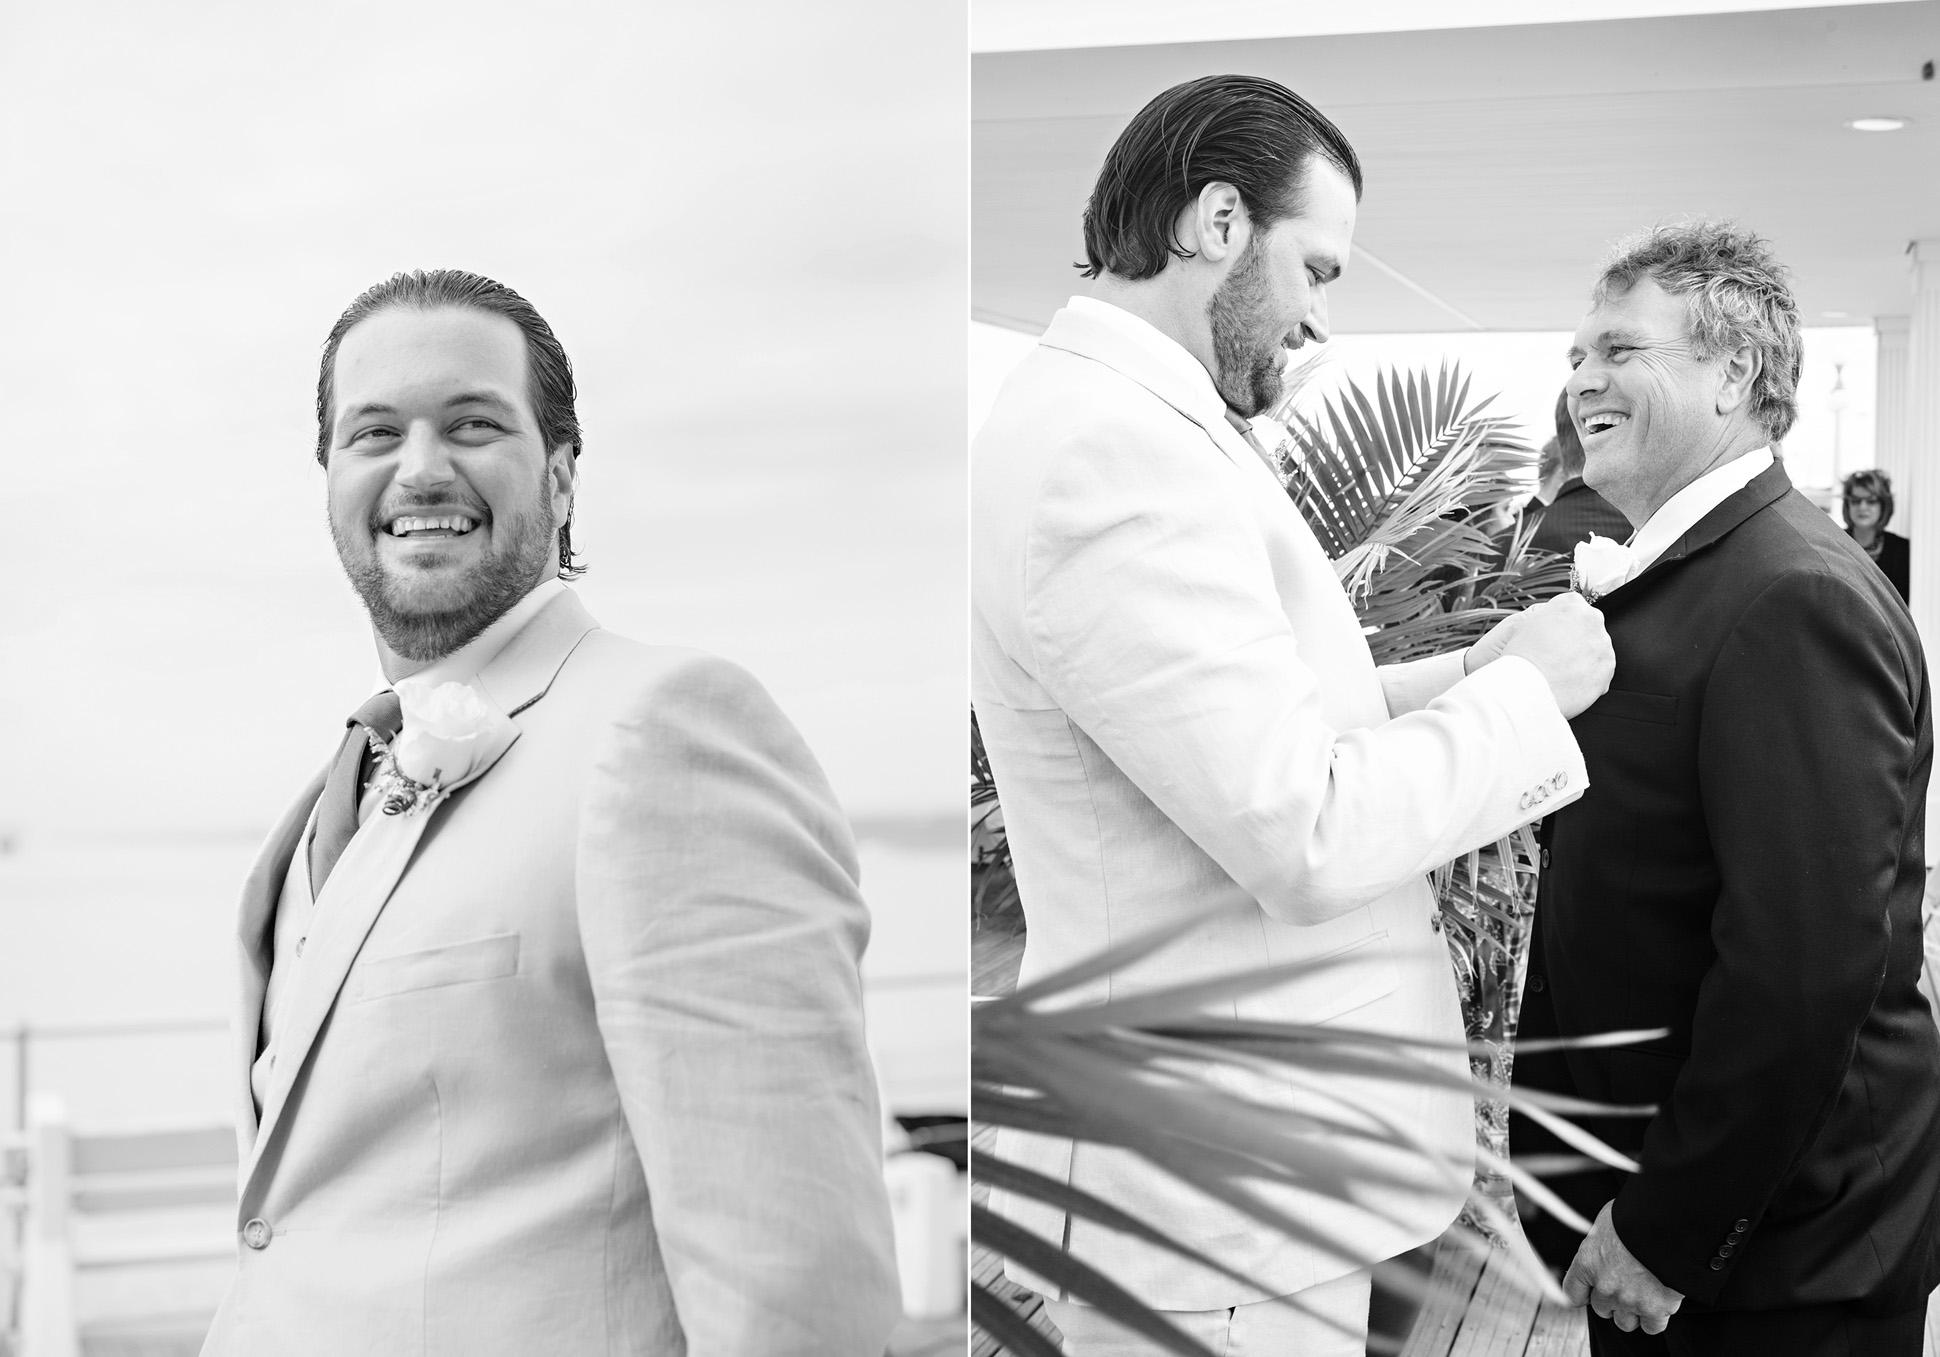 18-Sara Stadtmiller-SRS-Photography-Asbury-Park-Wedding-Photographer-Monmouth-County-Wedding-Photographer-NJ-Wedding-Photographer-Avon-by-the-Sea-Wedding-The-Columns-Wedding